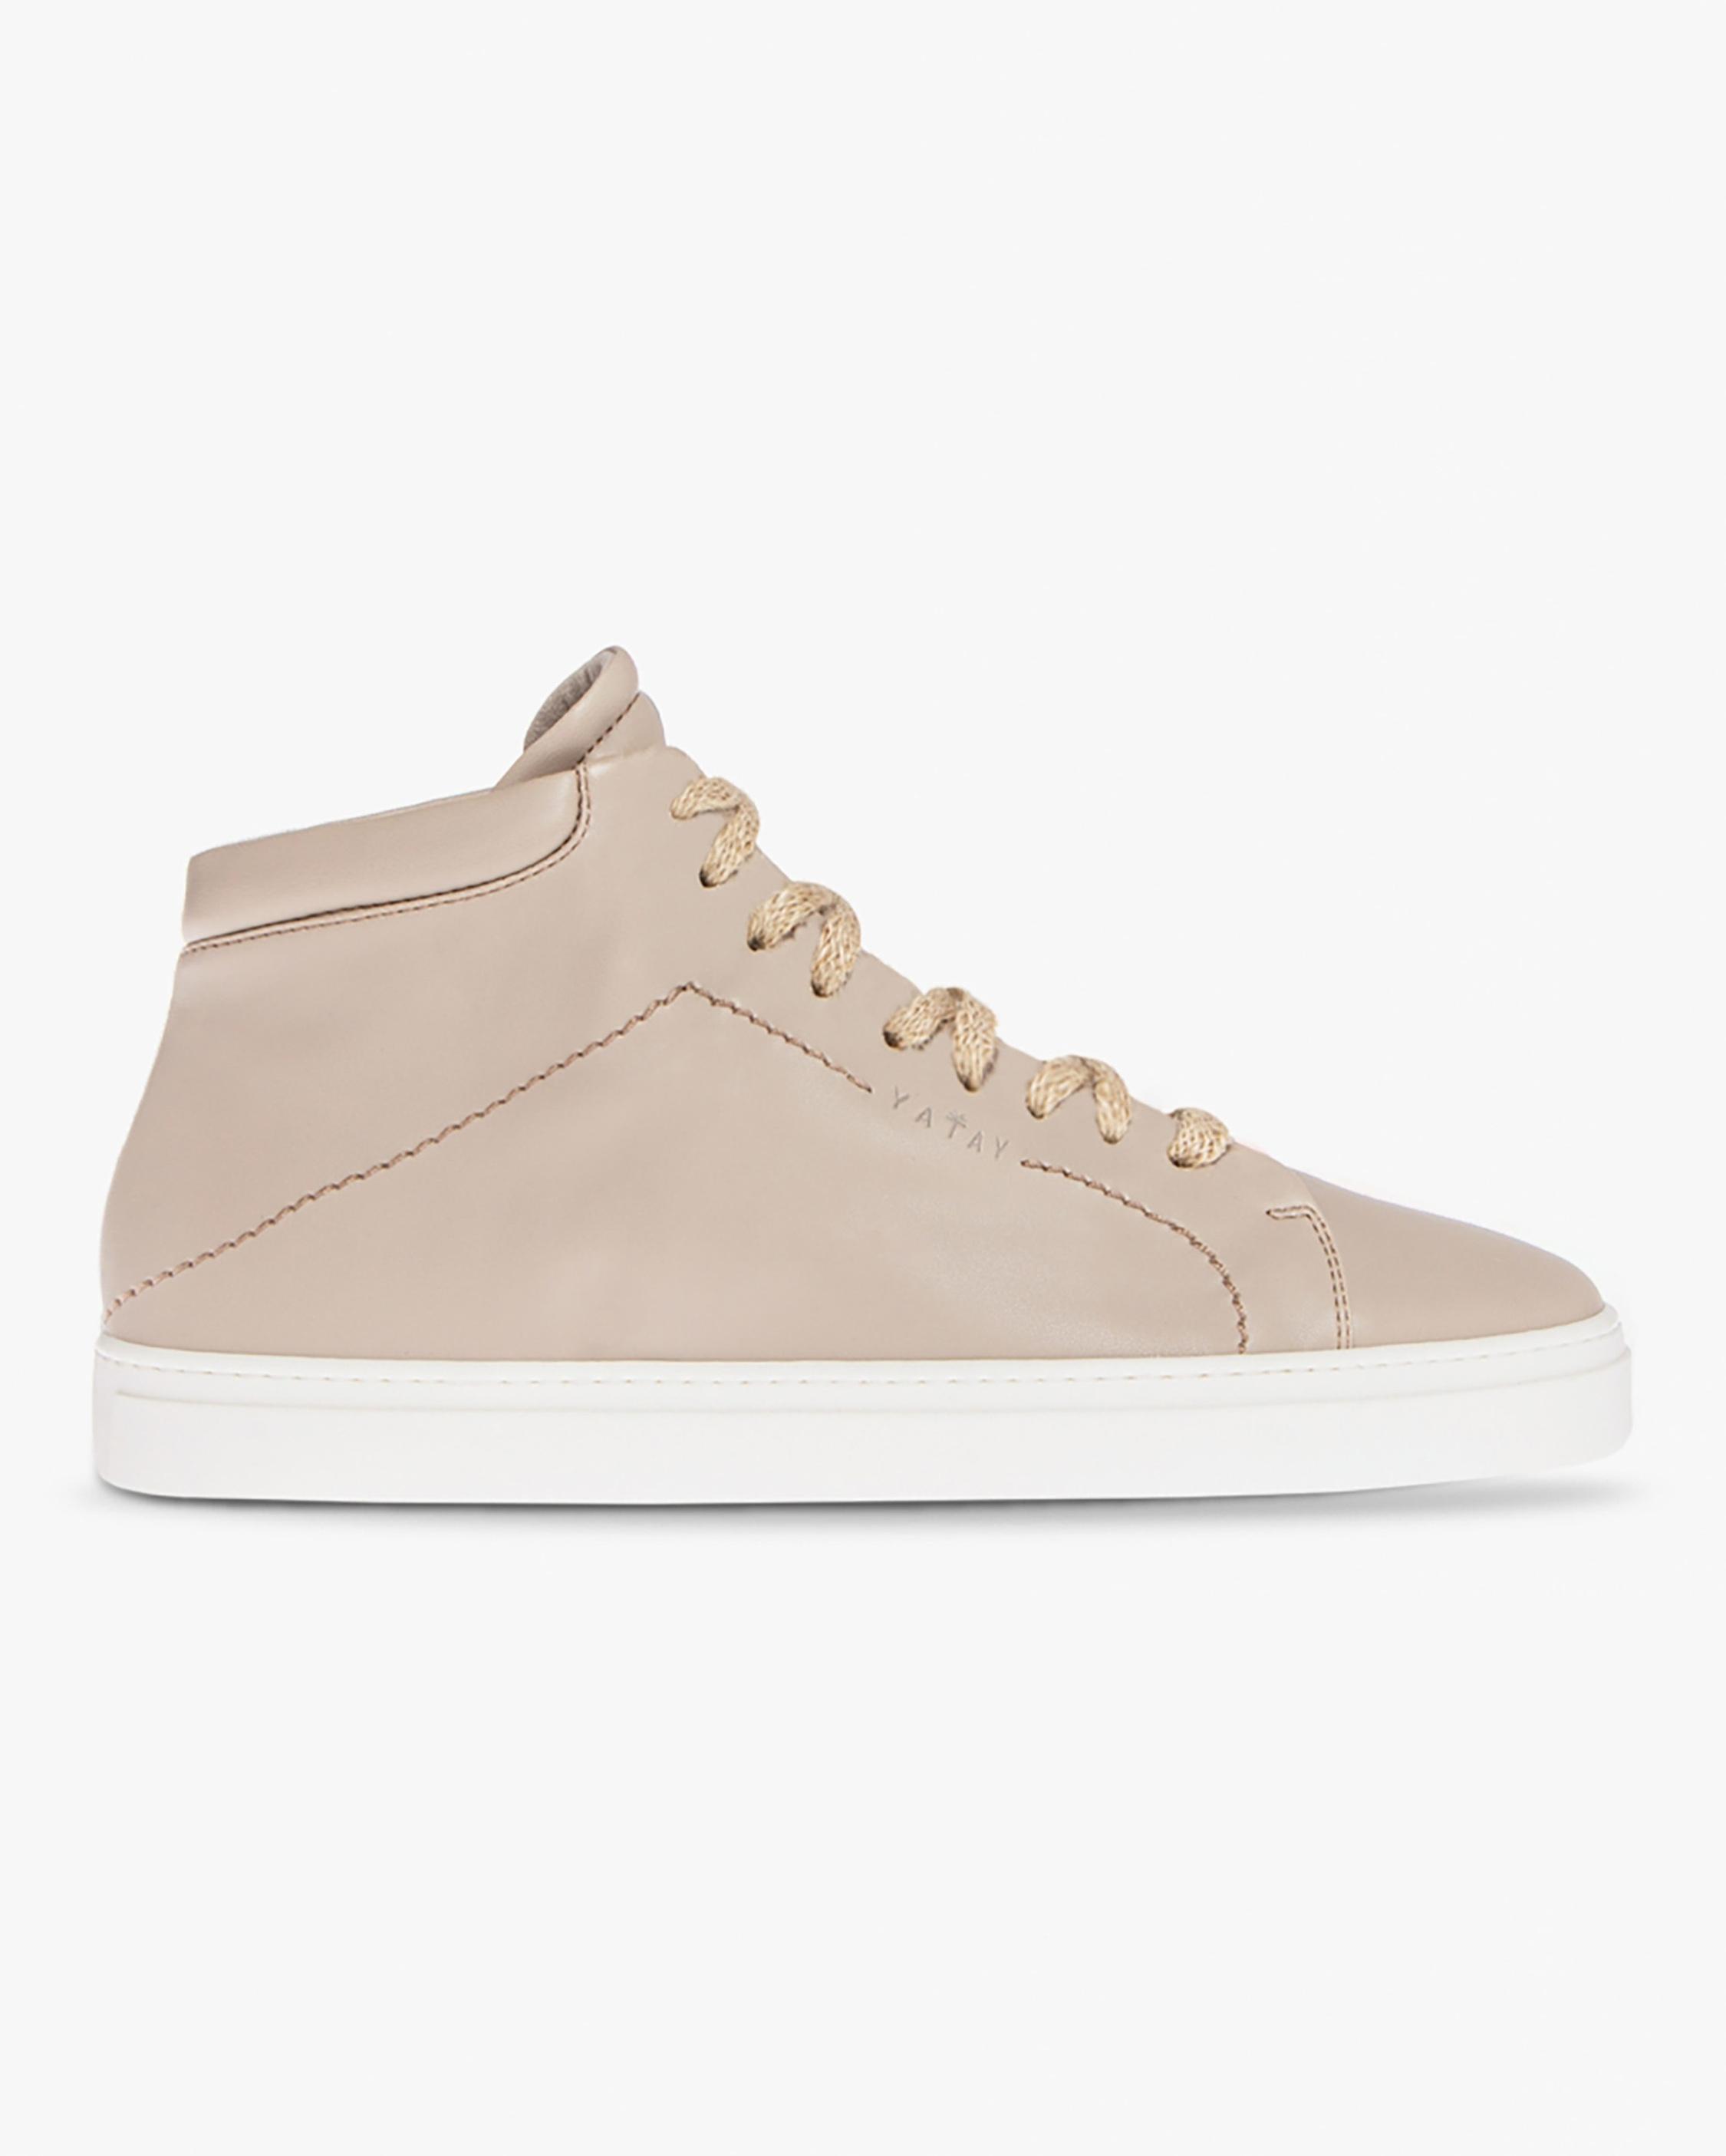 Yatay Hemp Brown Neven High-Top Sneaker 1